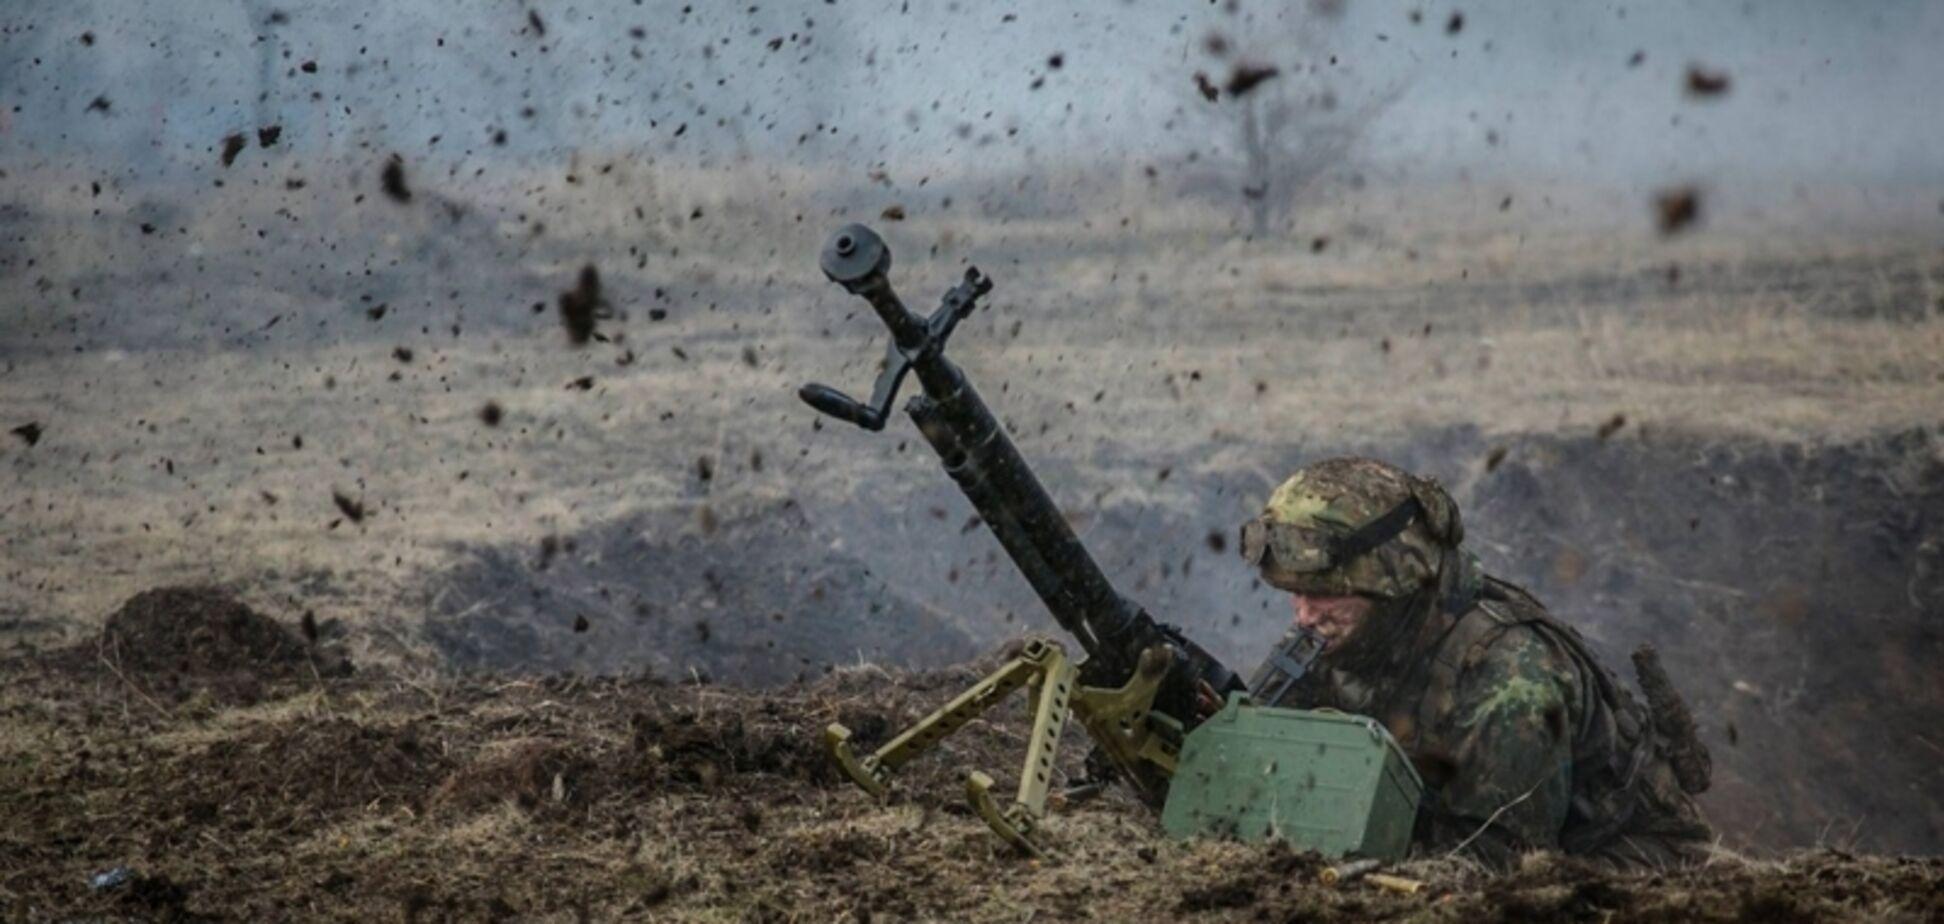 Силы ОС мощно ударили по 'Л/ДНР': у террористов серьезные потери